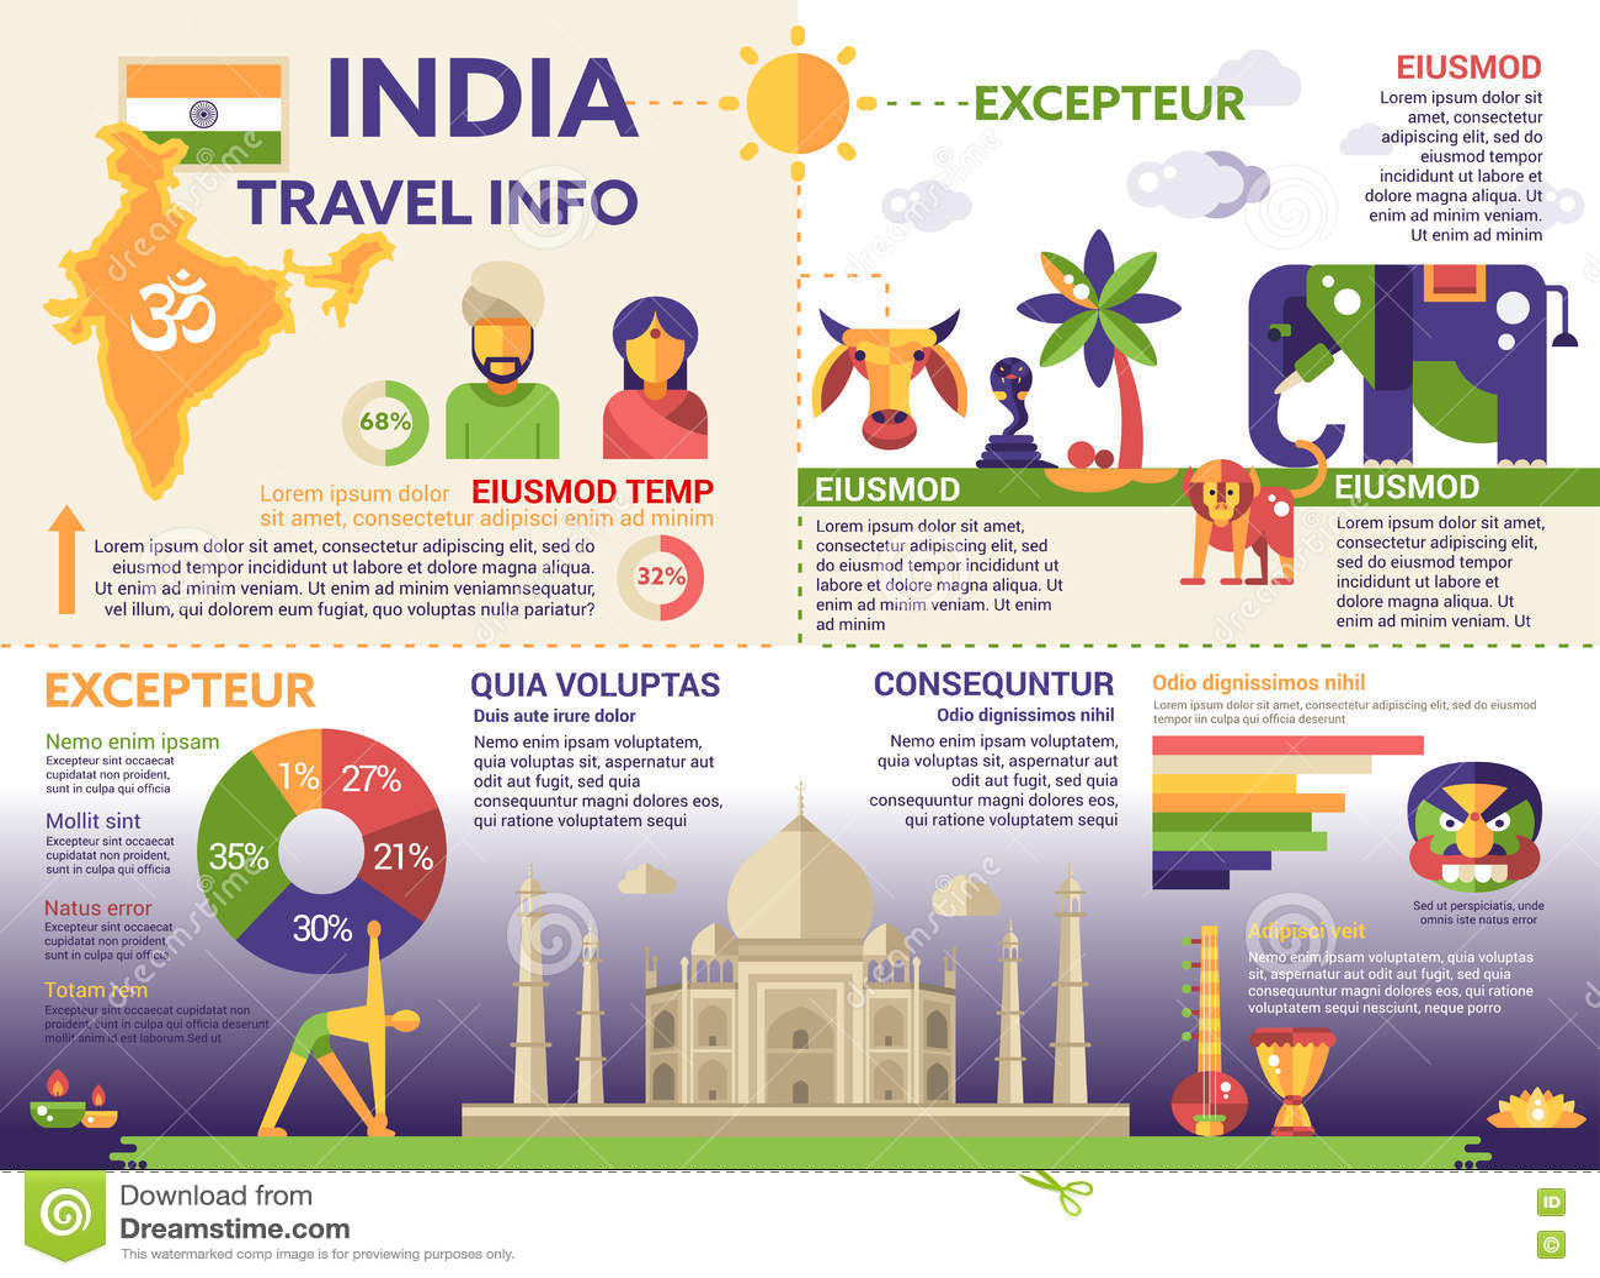 印度旅游信息-海报,小册子盖子模板